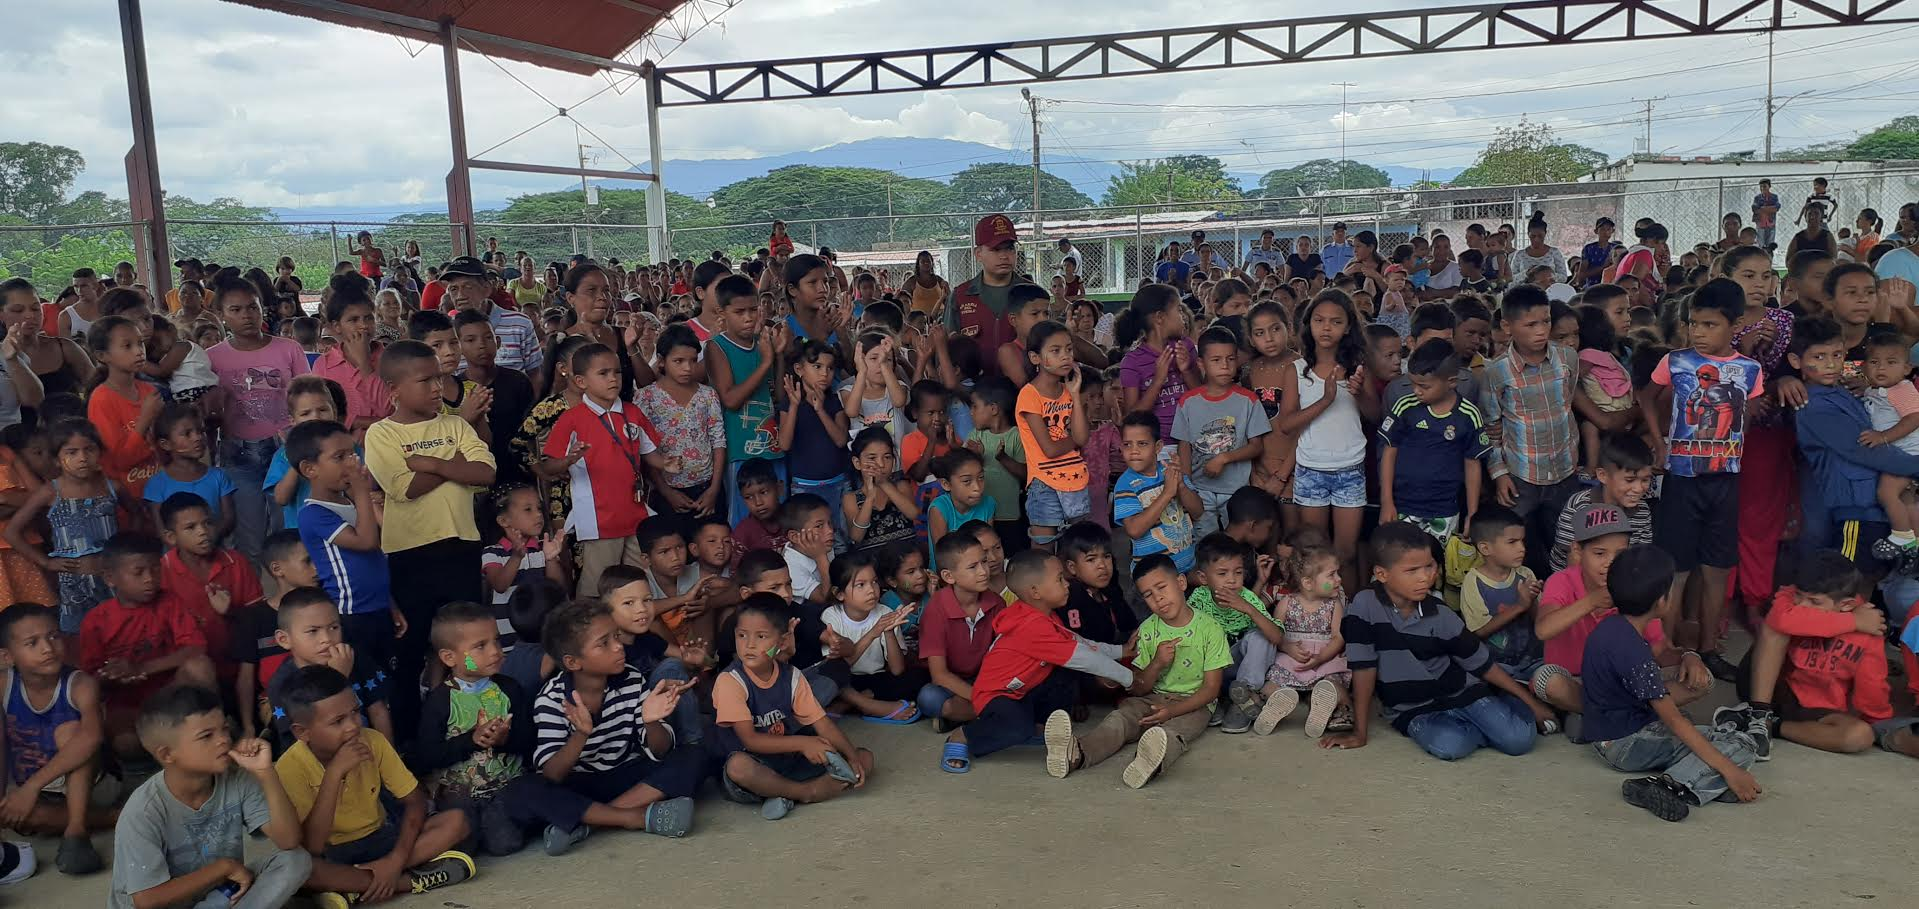 Entregados juguetes a niños y niñas por el Día de los Reyes Magos en Yaracuy (1)